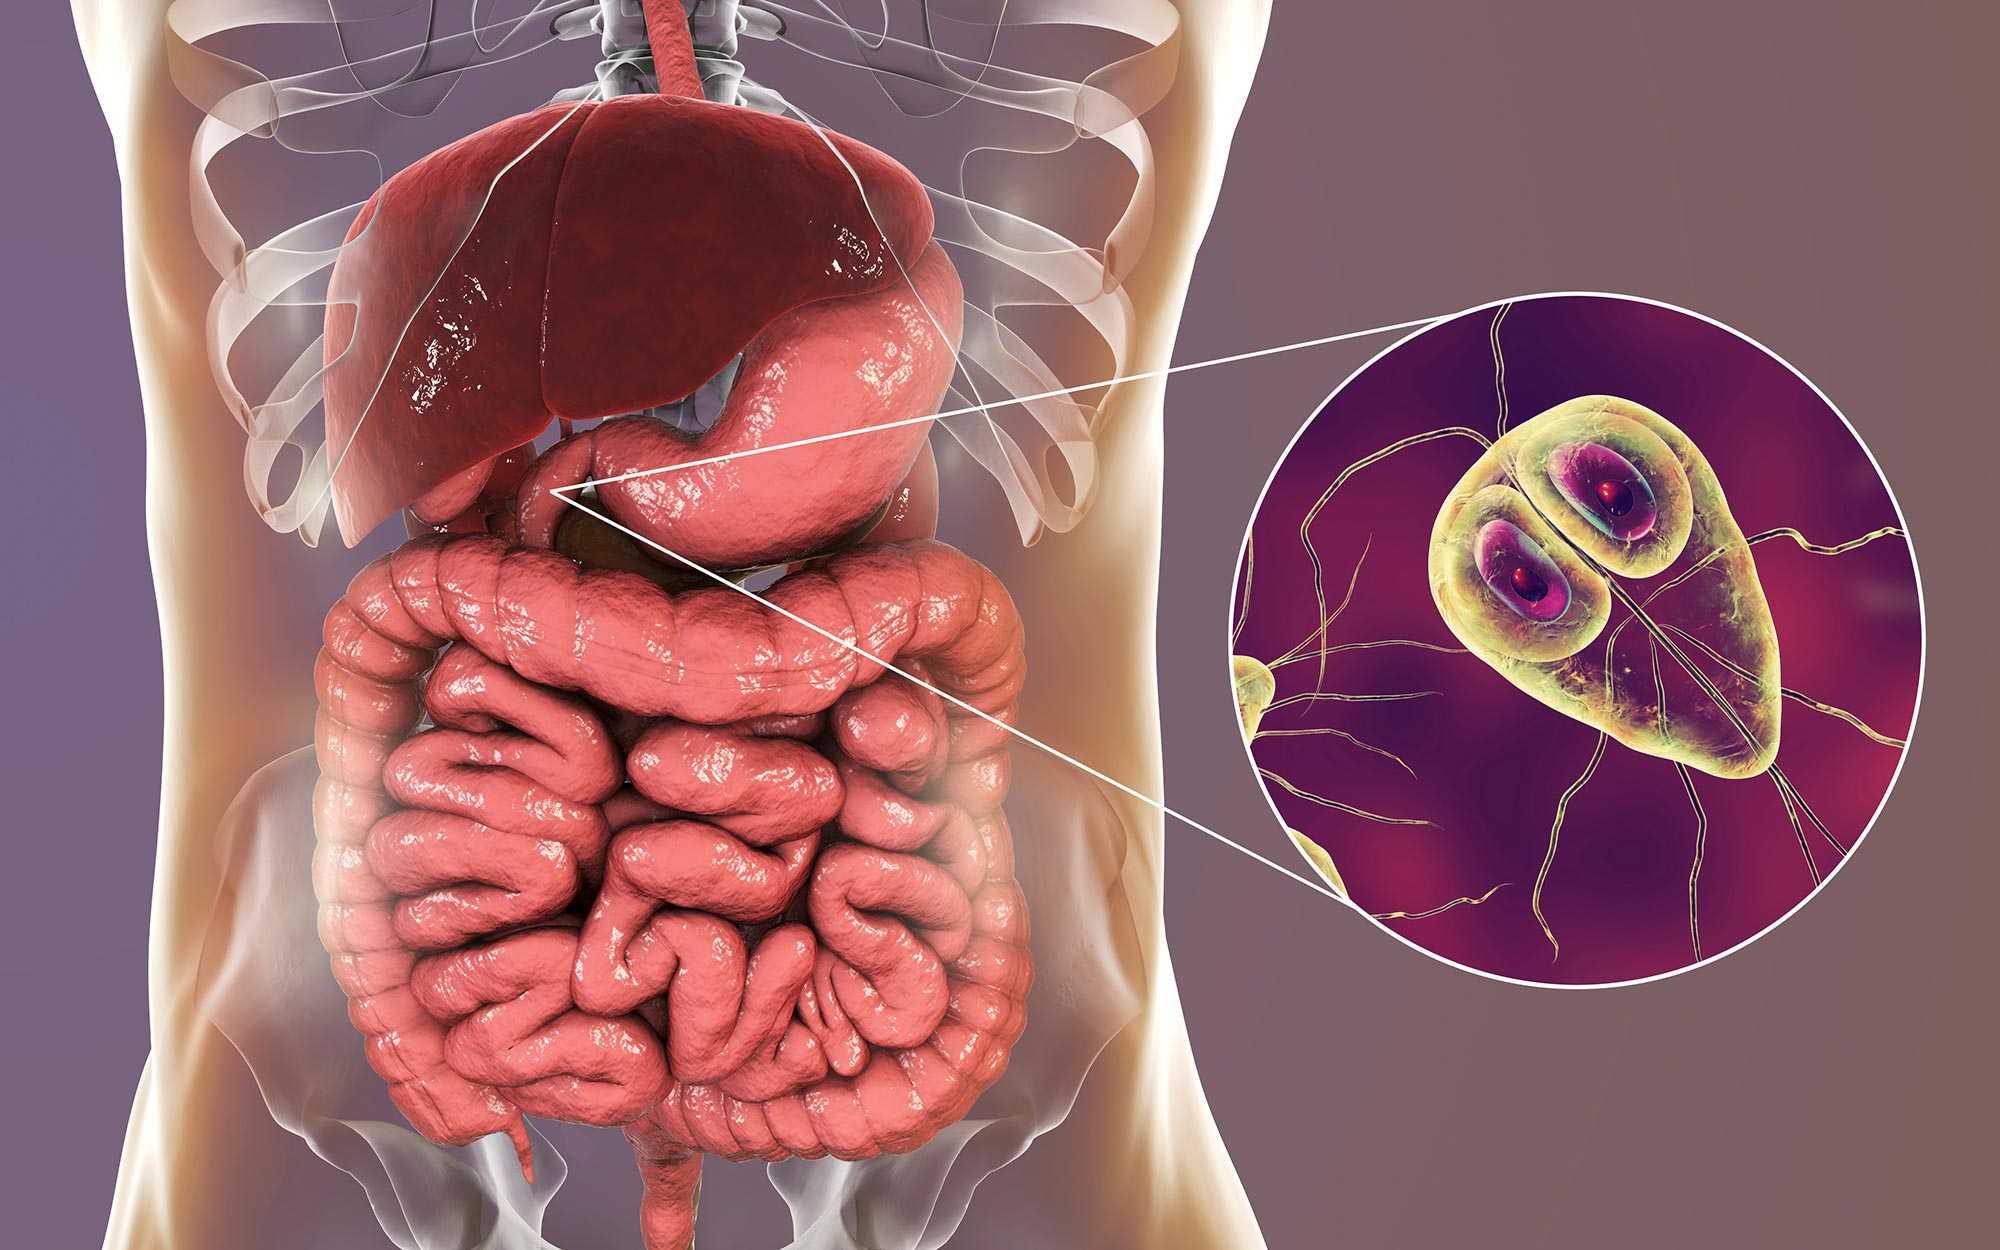 HU0301939A2 - Új probiotikumok hobbiállat-eledel kompozíciókhoz - Google Patents